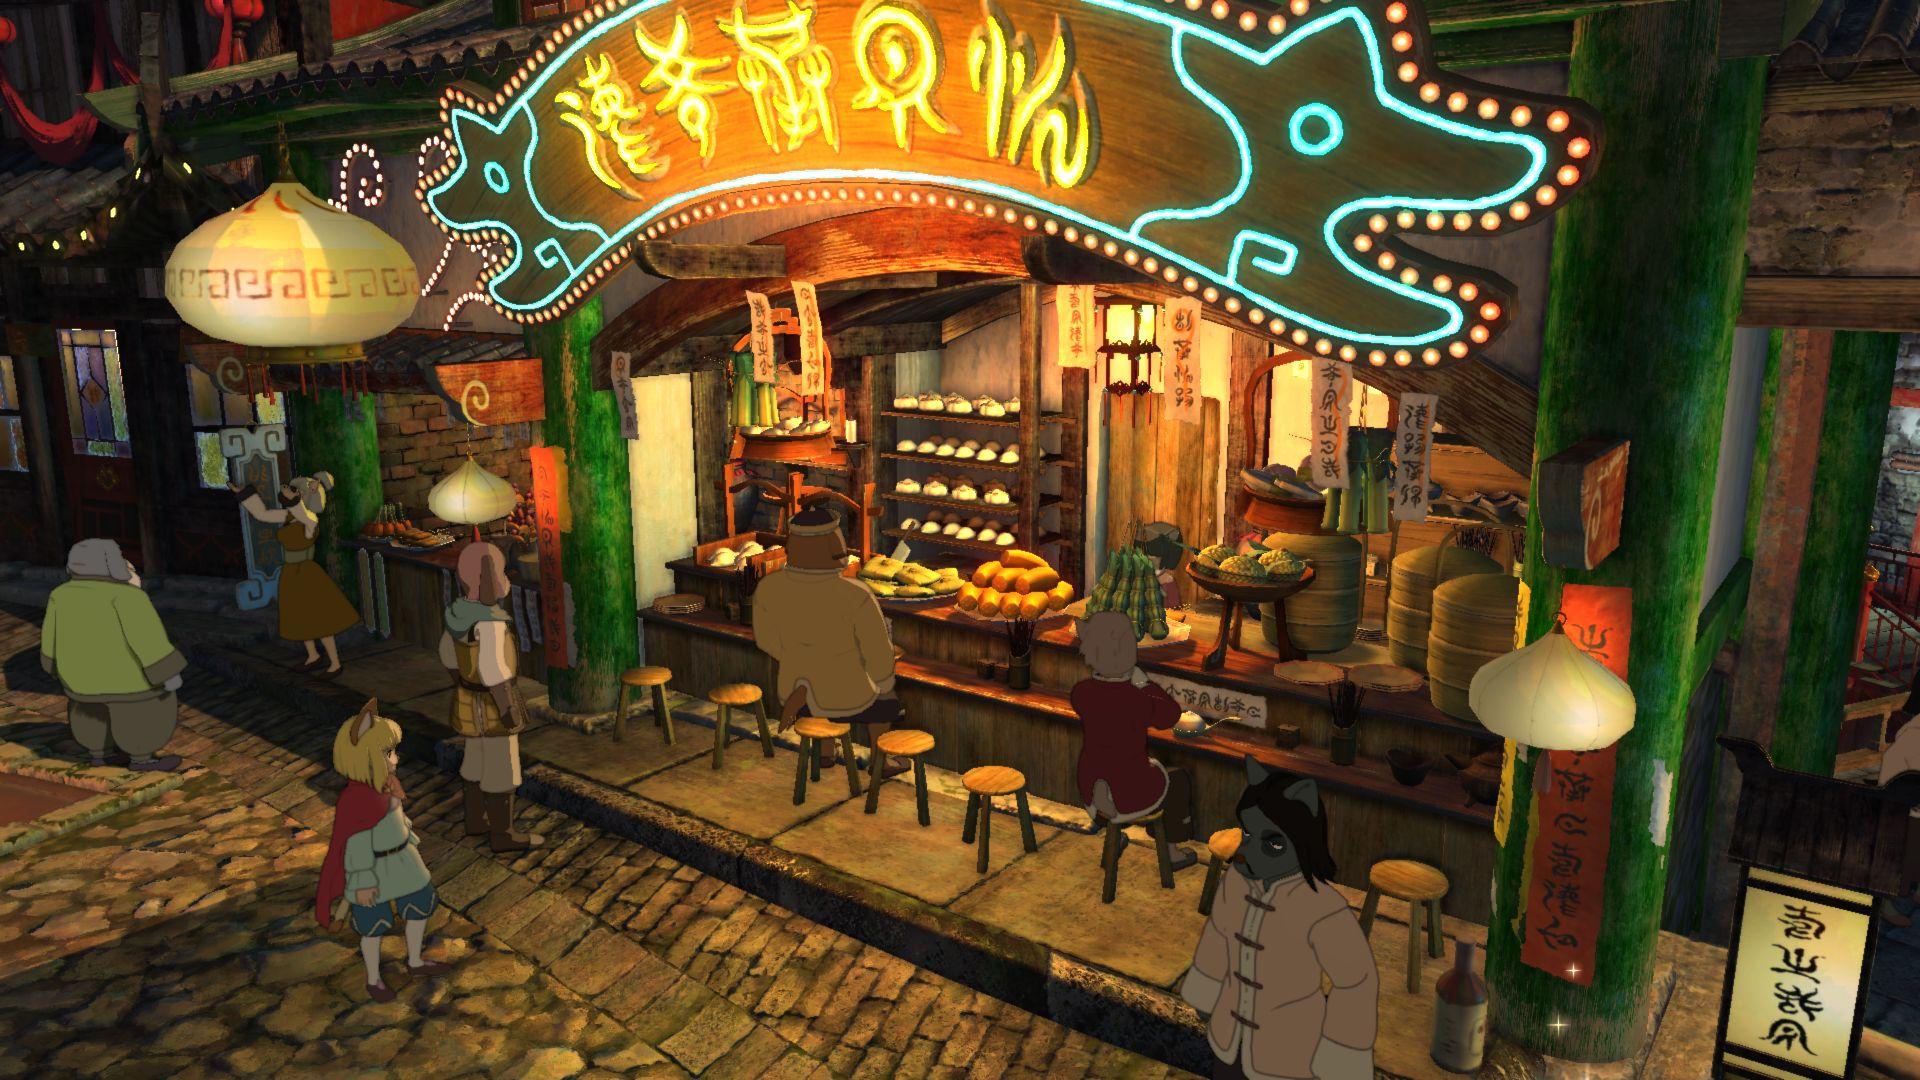 ni-no-kuni-ii-revenant-kingdom-screenshot